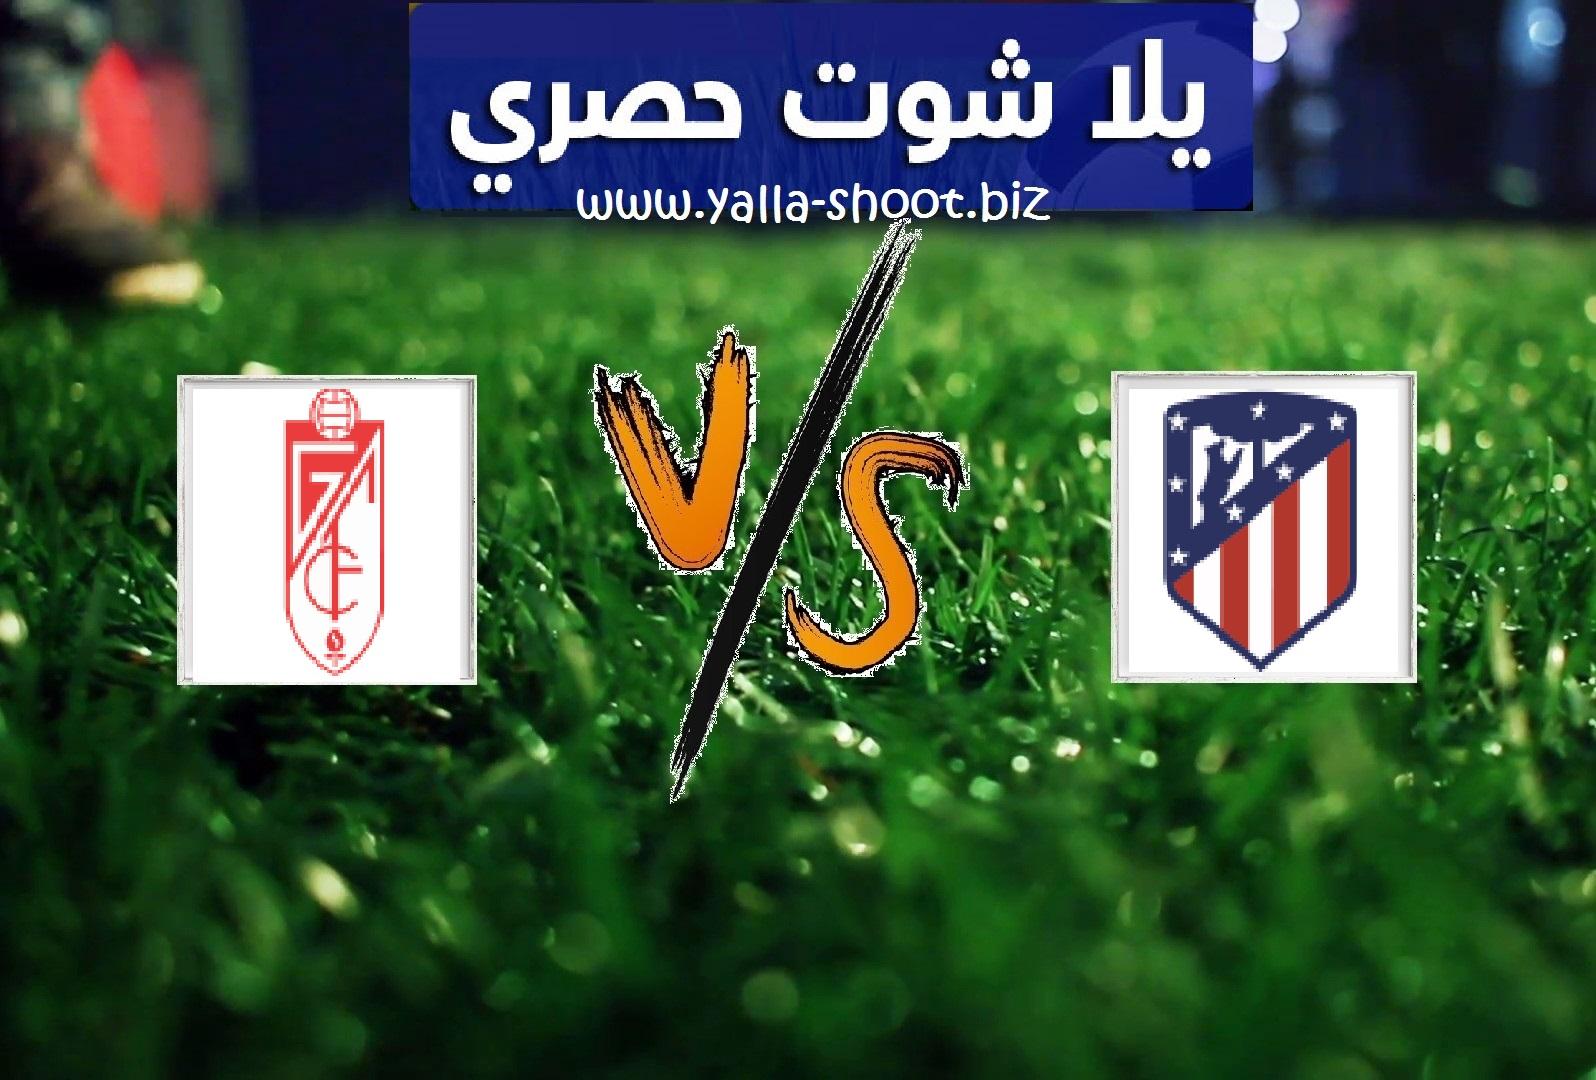 نتيجة مباراة اتلتيكو مدريد وغرناطة بتاريخ 08-02-2020 الدوري الاسباني